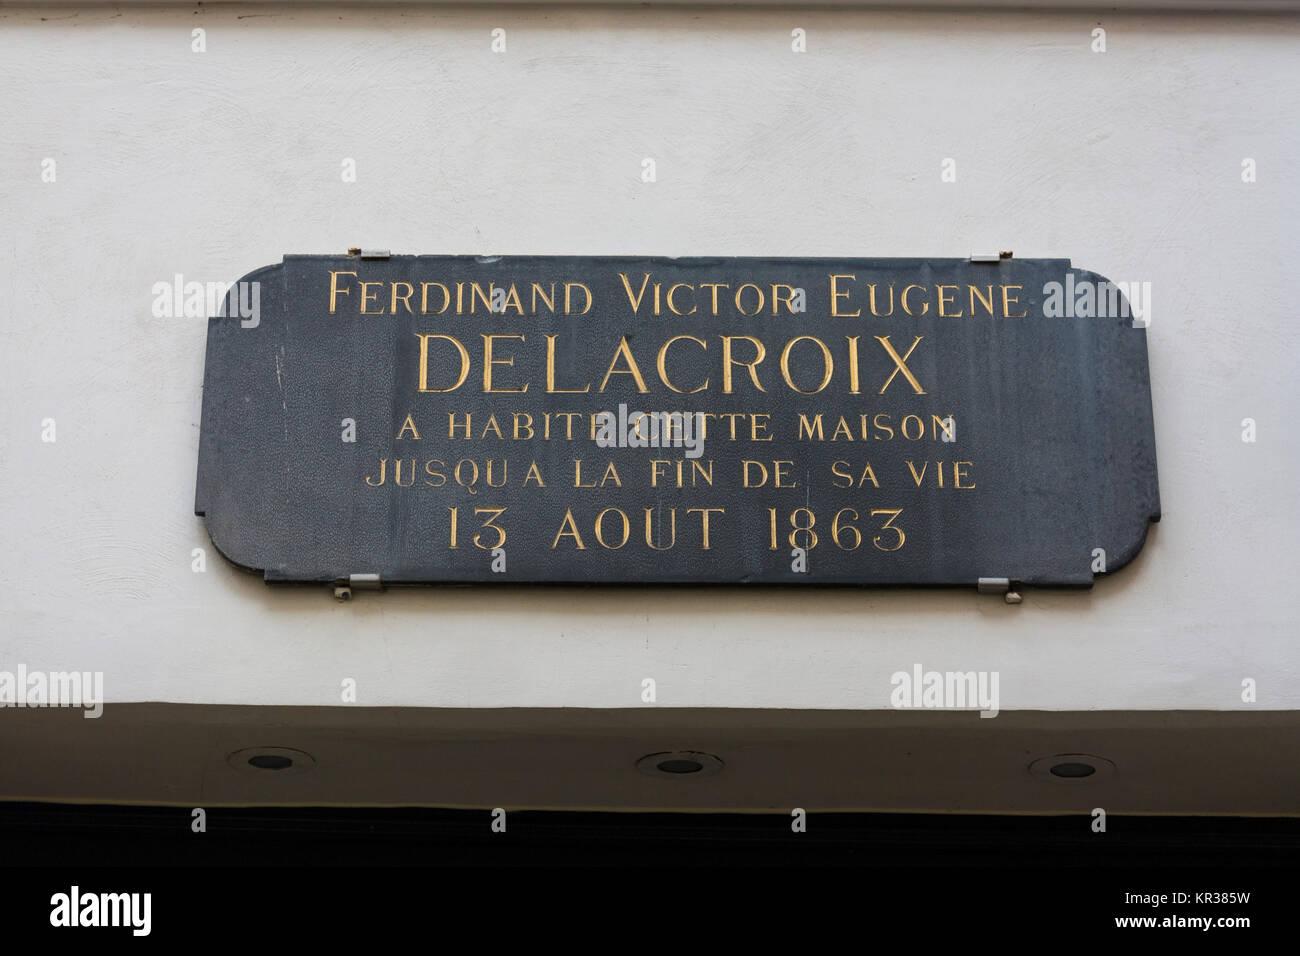 La placa sobre la puerta del Museo nacional Eugène Delacroix (Museo nacional Eugène Delacroix), París, Francia Foto de stock